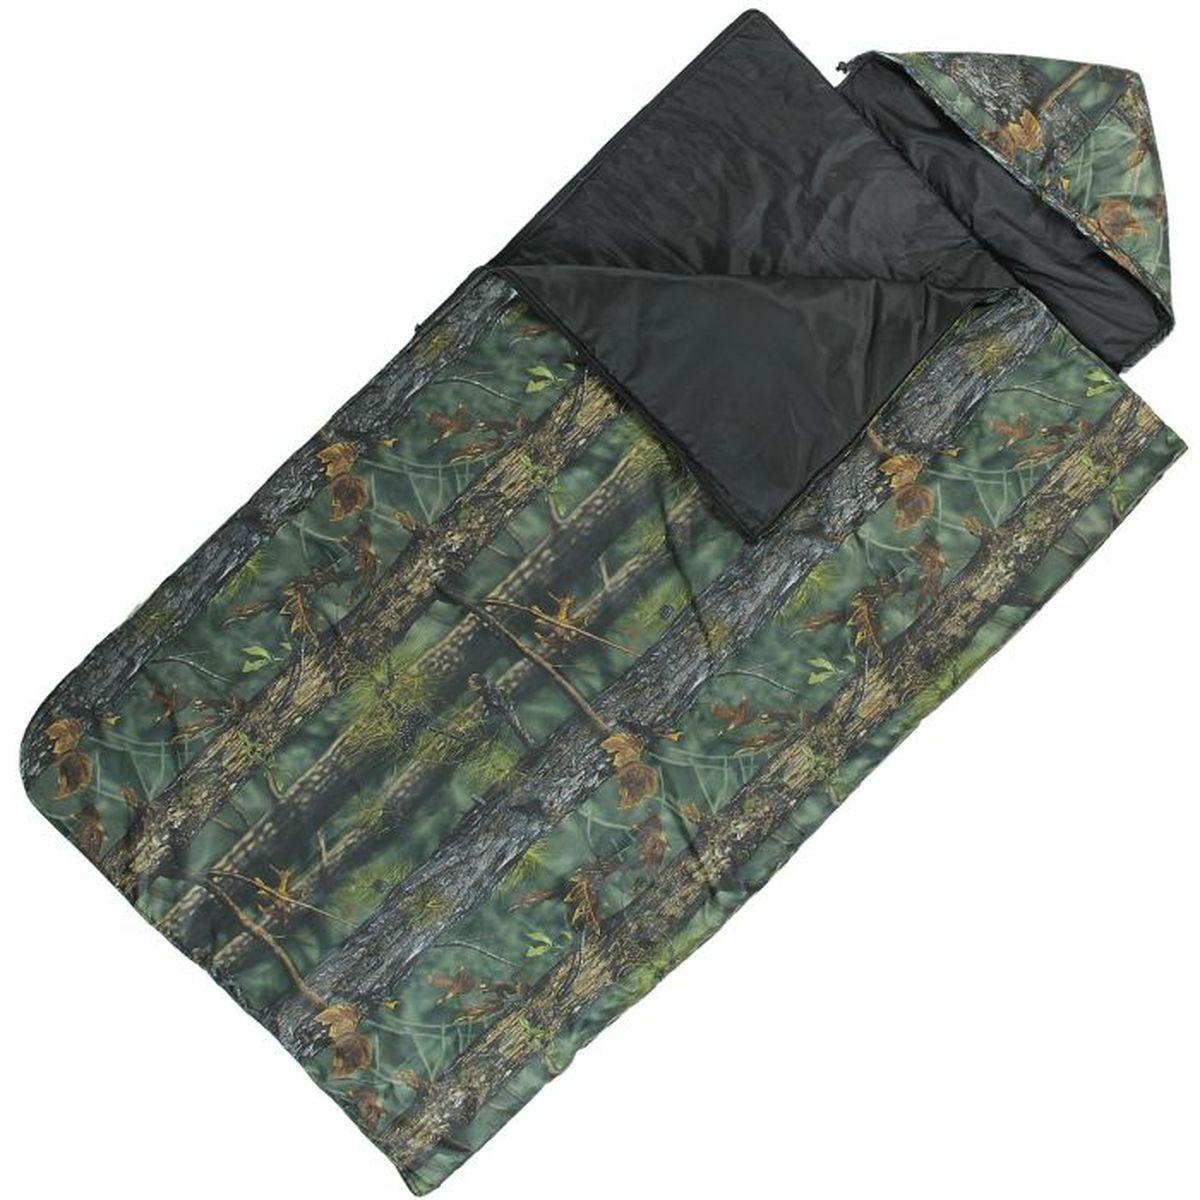 Спальный мешок Onlitop Богатырь, цвет: хаки, правосторонняя молния915474Комфортный, просторный и очень теплый 3-х сезонный спальник предназначен для походов и для отдыха на природе не только в летнее время, но и в прохладные дни весенне-осеннего периода. В теплое время спальный мешок можно использовать как одеяло (в том числе и дома).